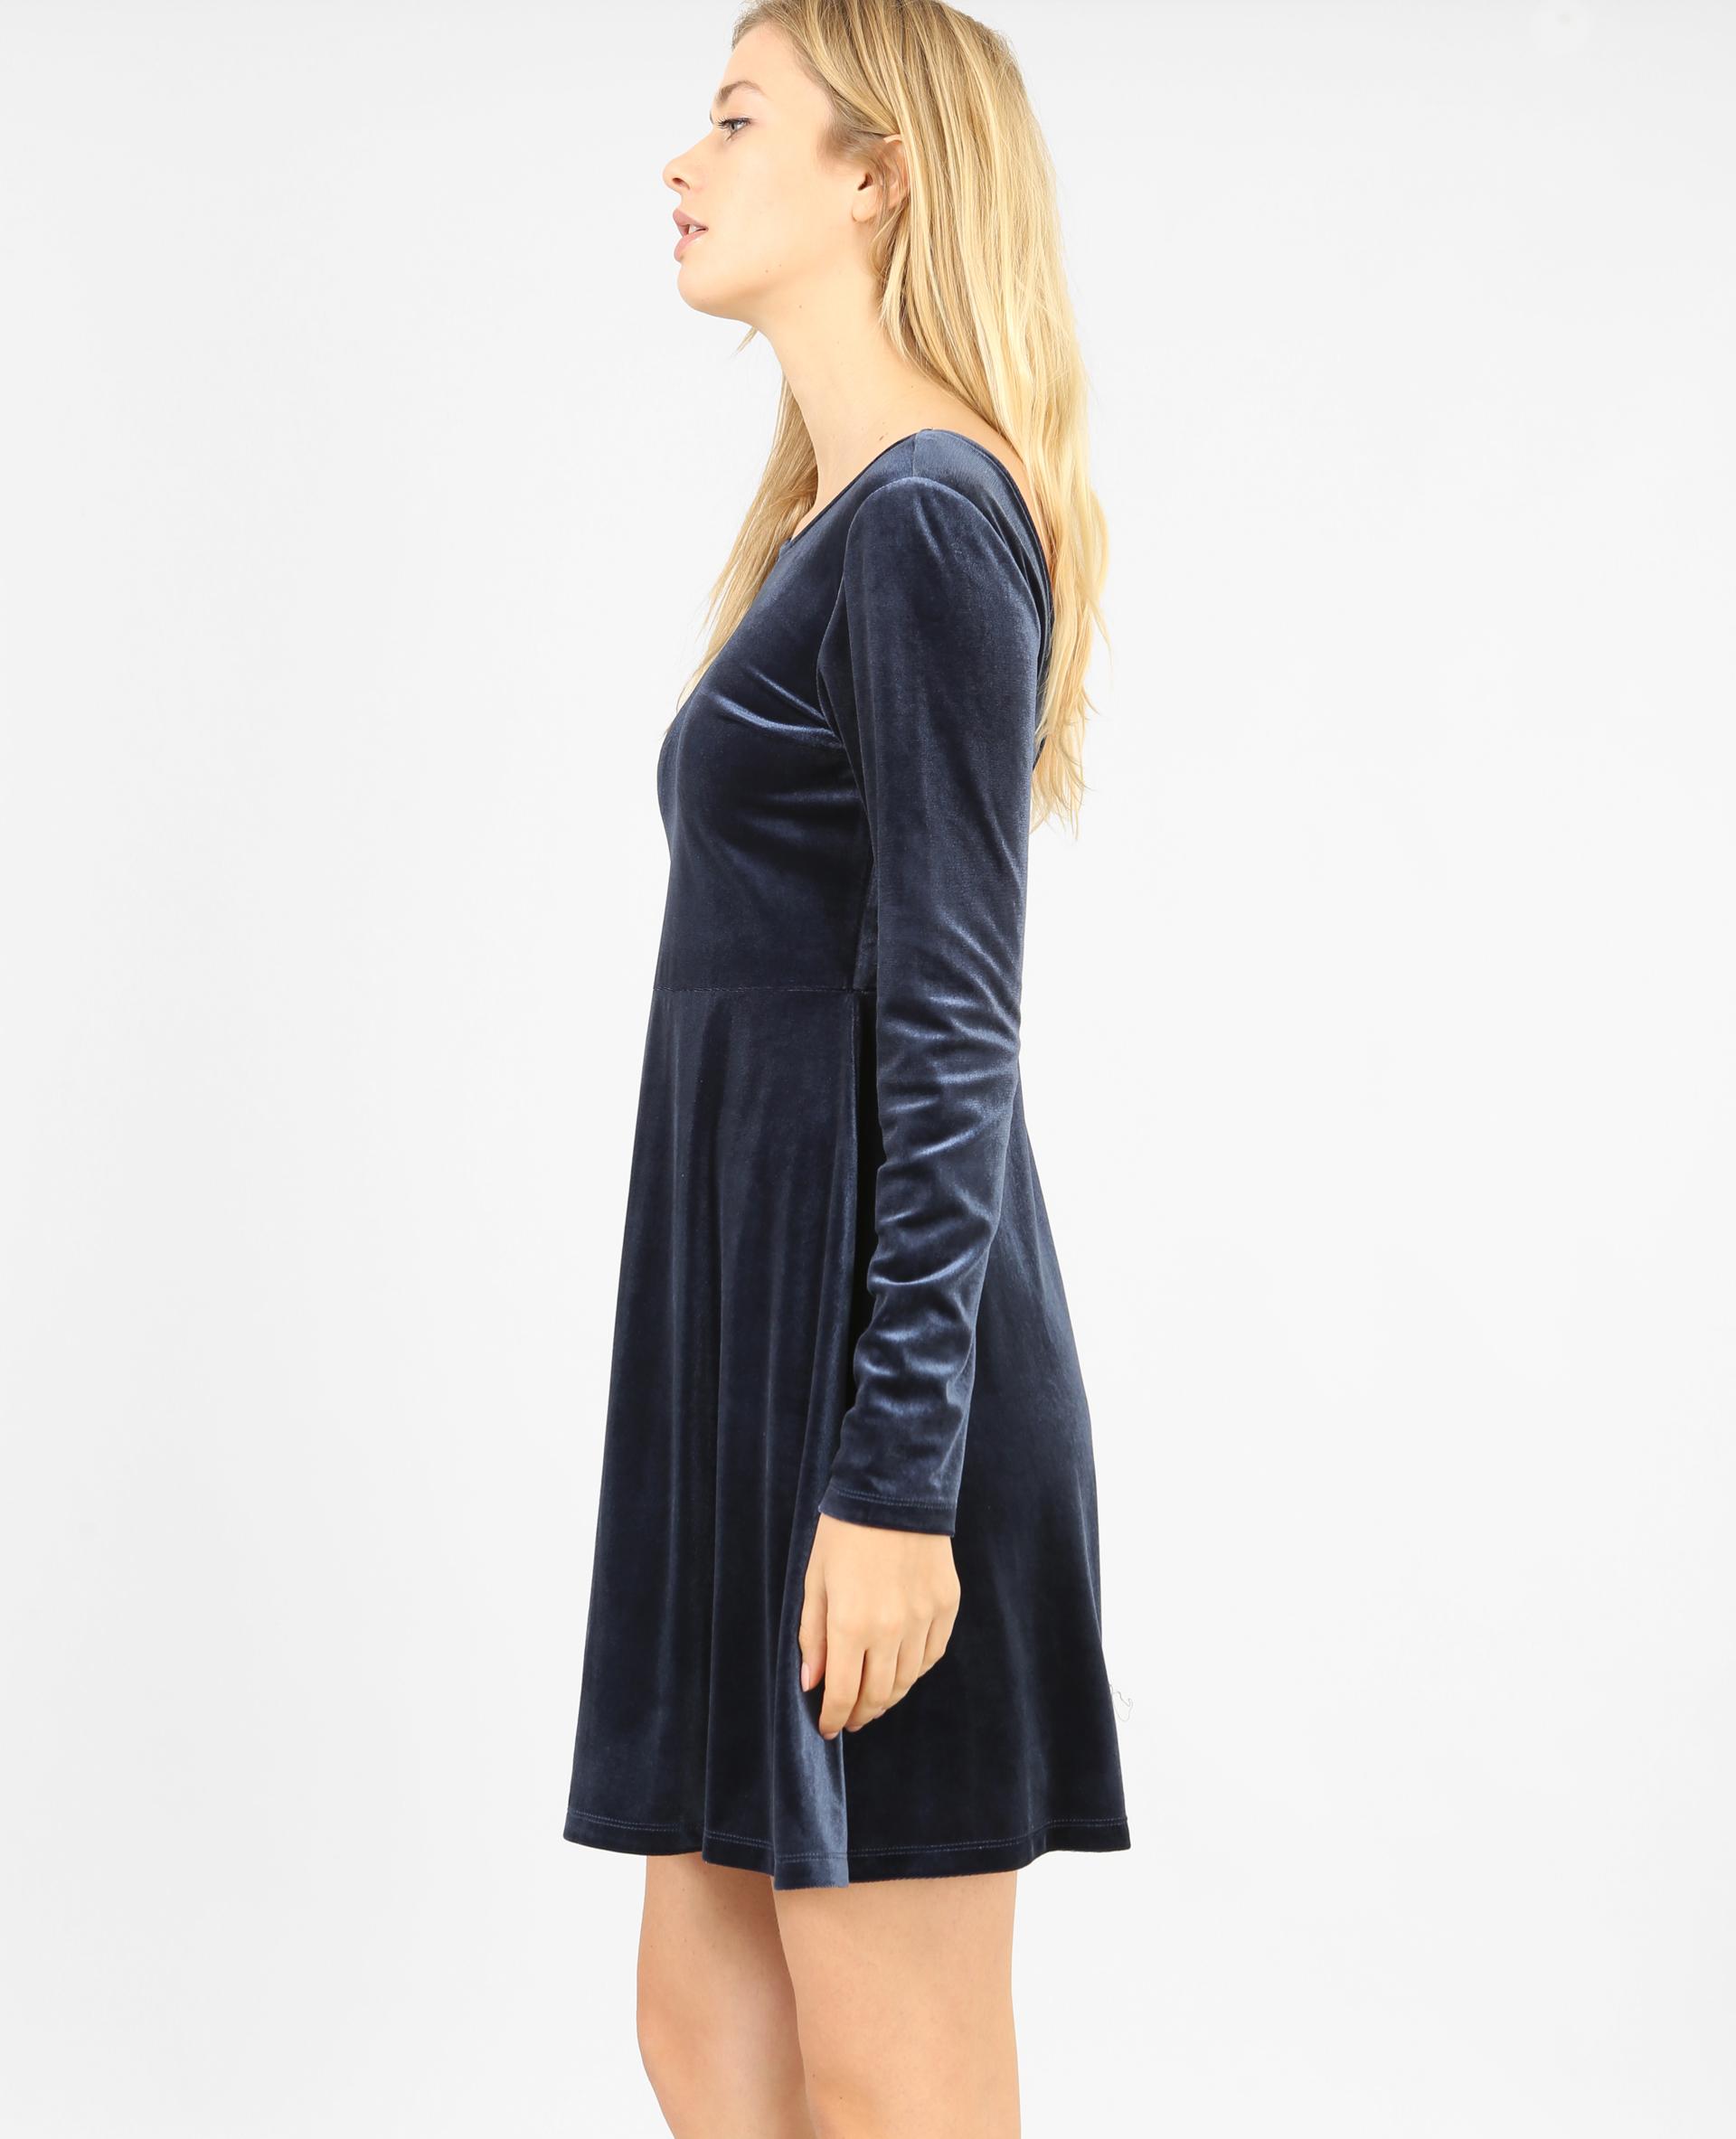 robe velours bleu marine 780798635a06 pimkie. Black Bedroom Furniture Sets. Home Design Ideas